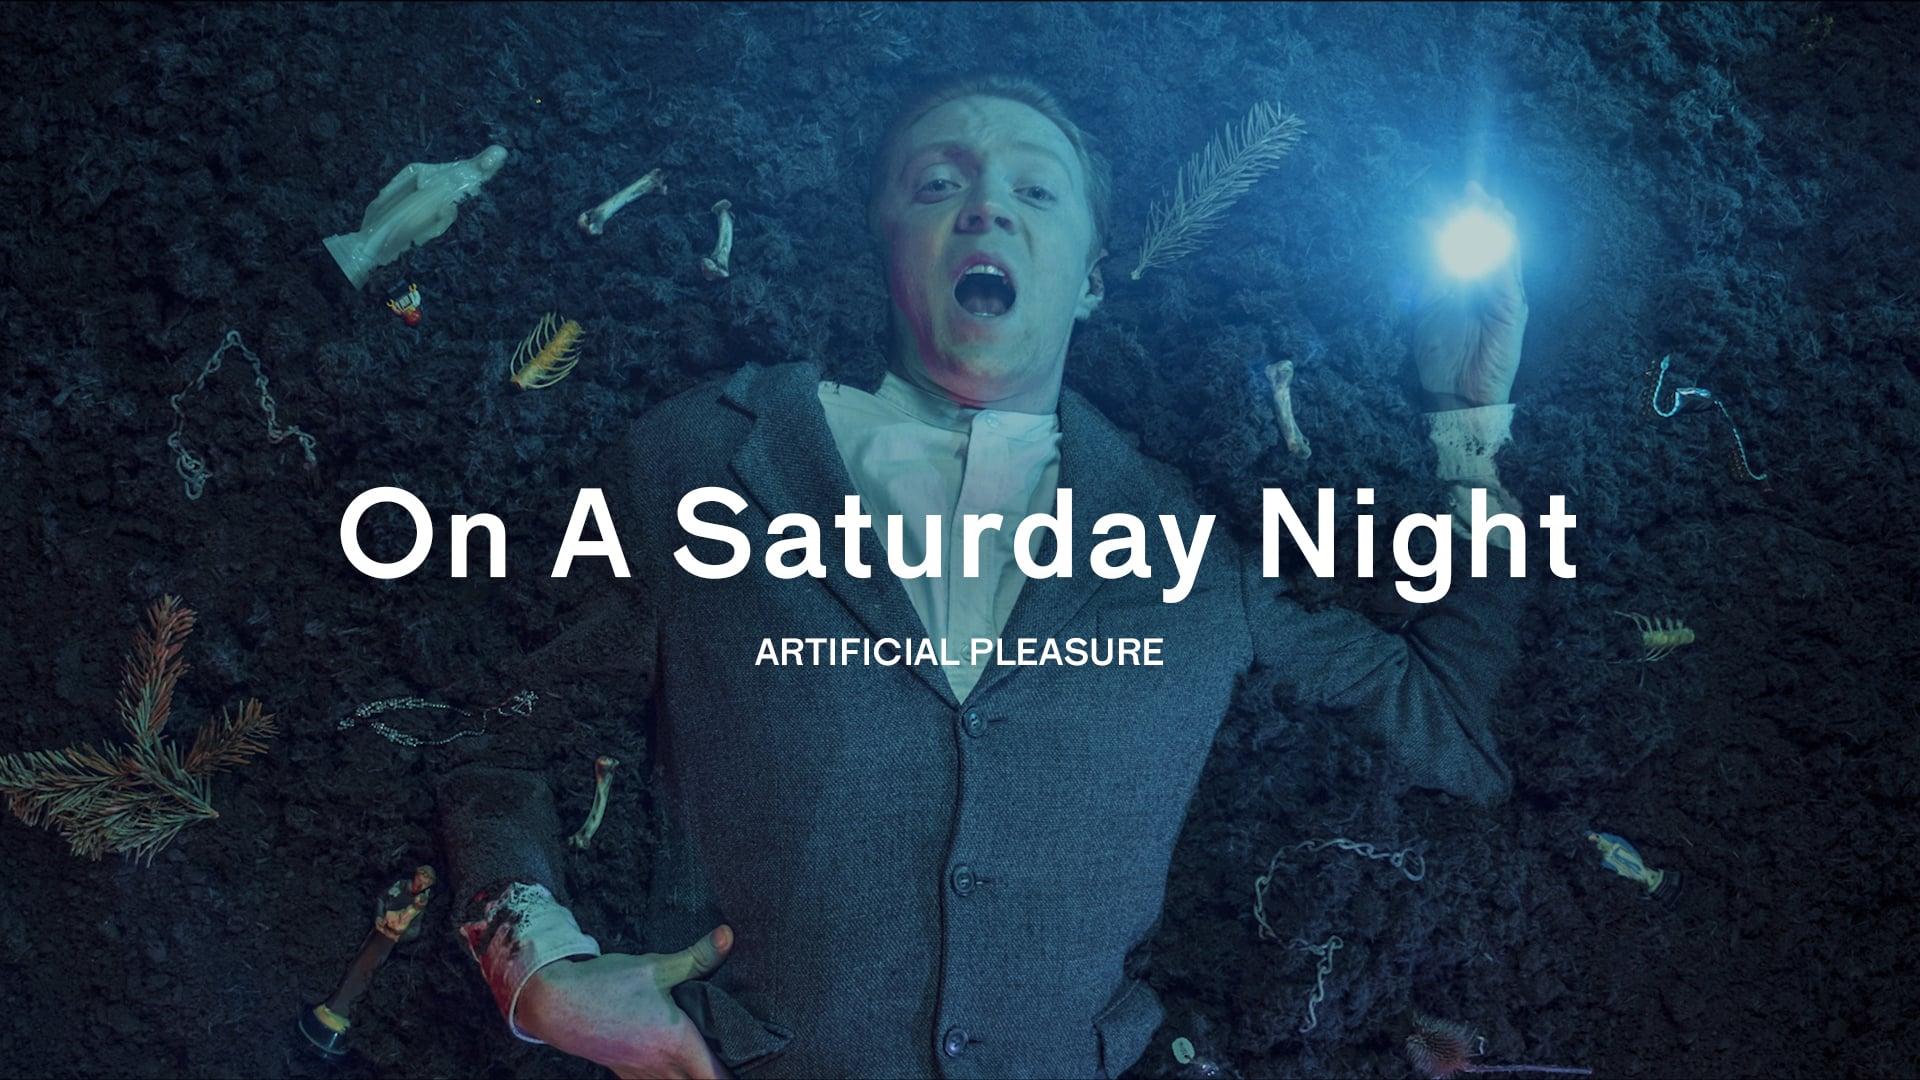 On A Saturday Night - Artificial Pleasure